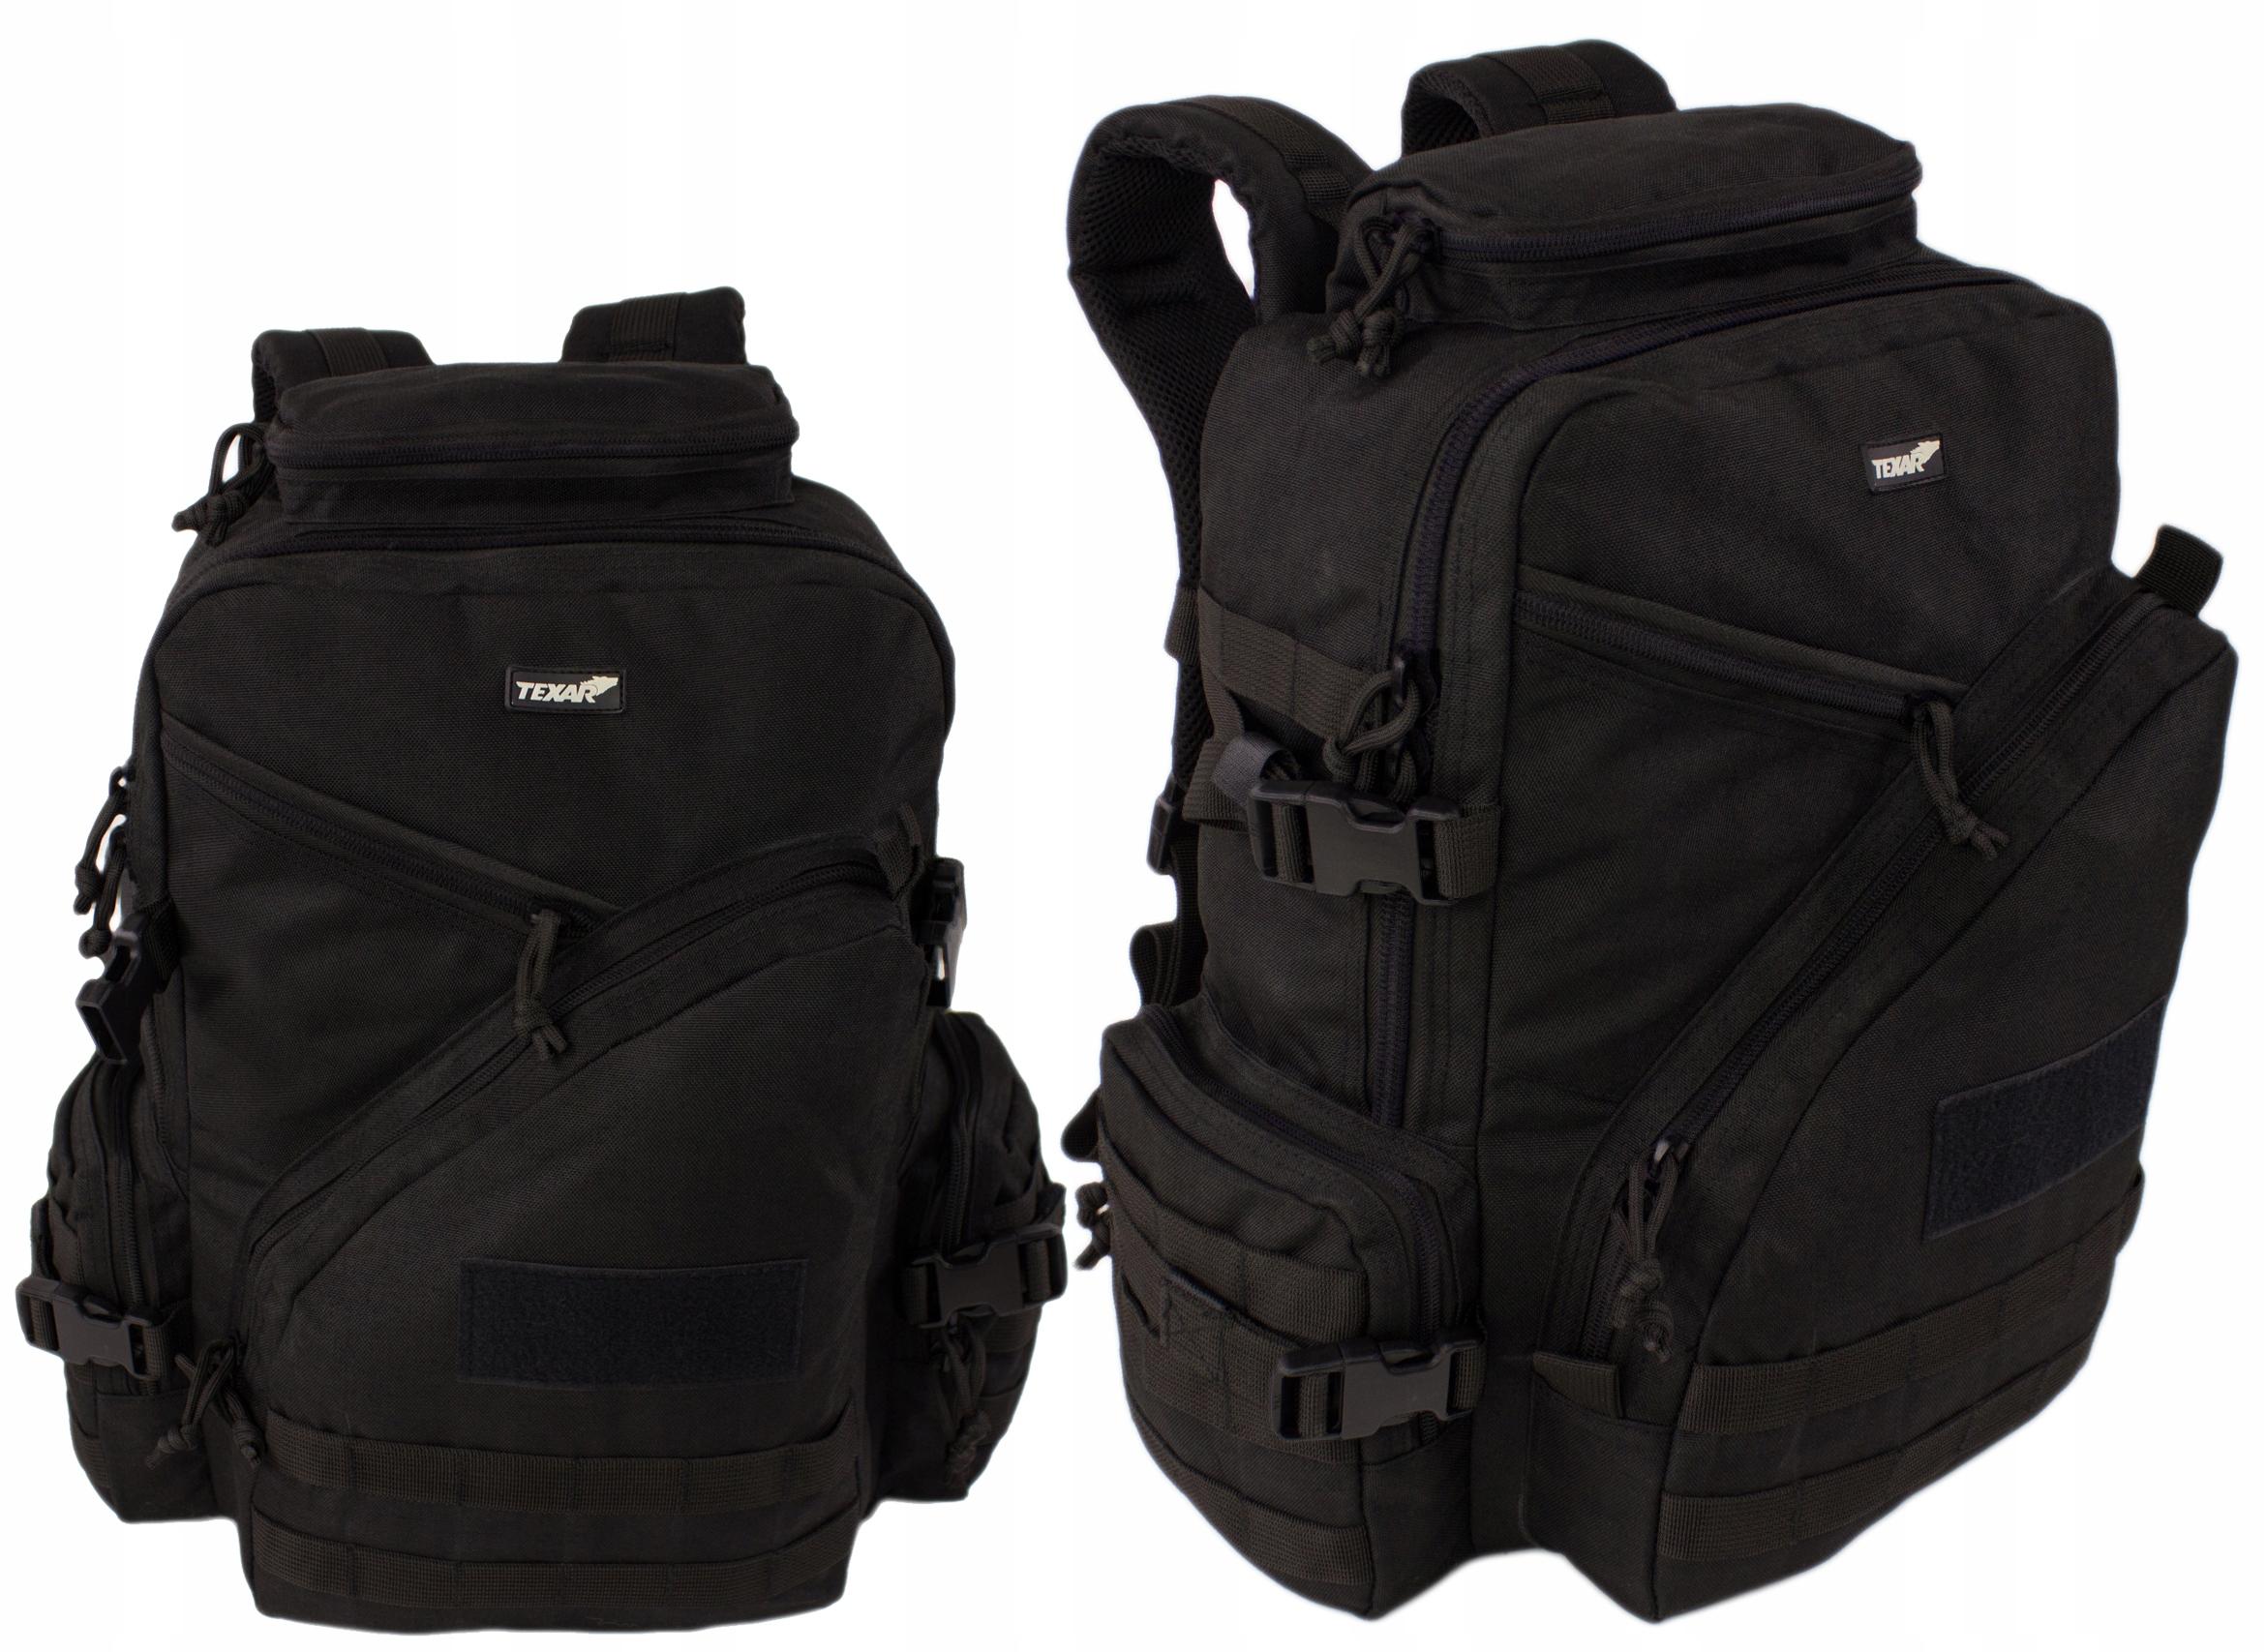 Górski Plecak Taktyczny Texar Urban Czarny 33L